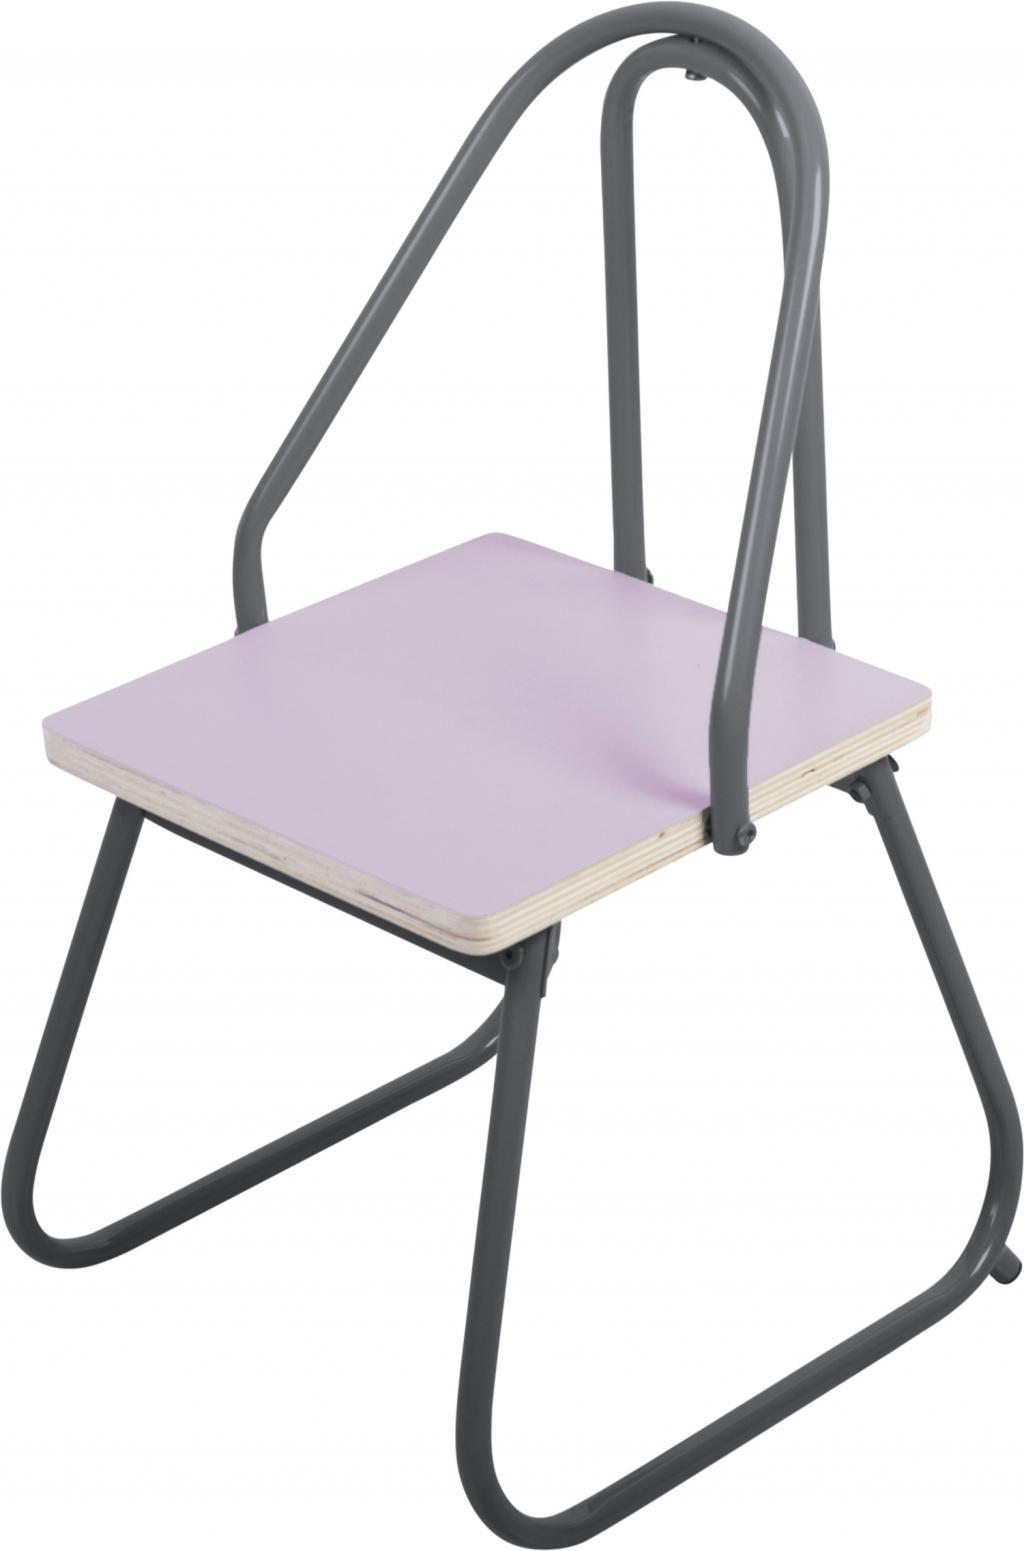 stuhl we play pastell m dchen sebra kaufen wohn und lifestylewebshop. Black Bedroom Furniture Sets. Home Design Ideas